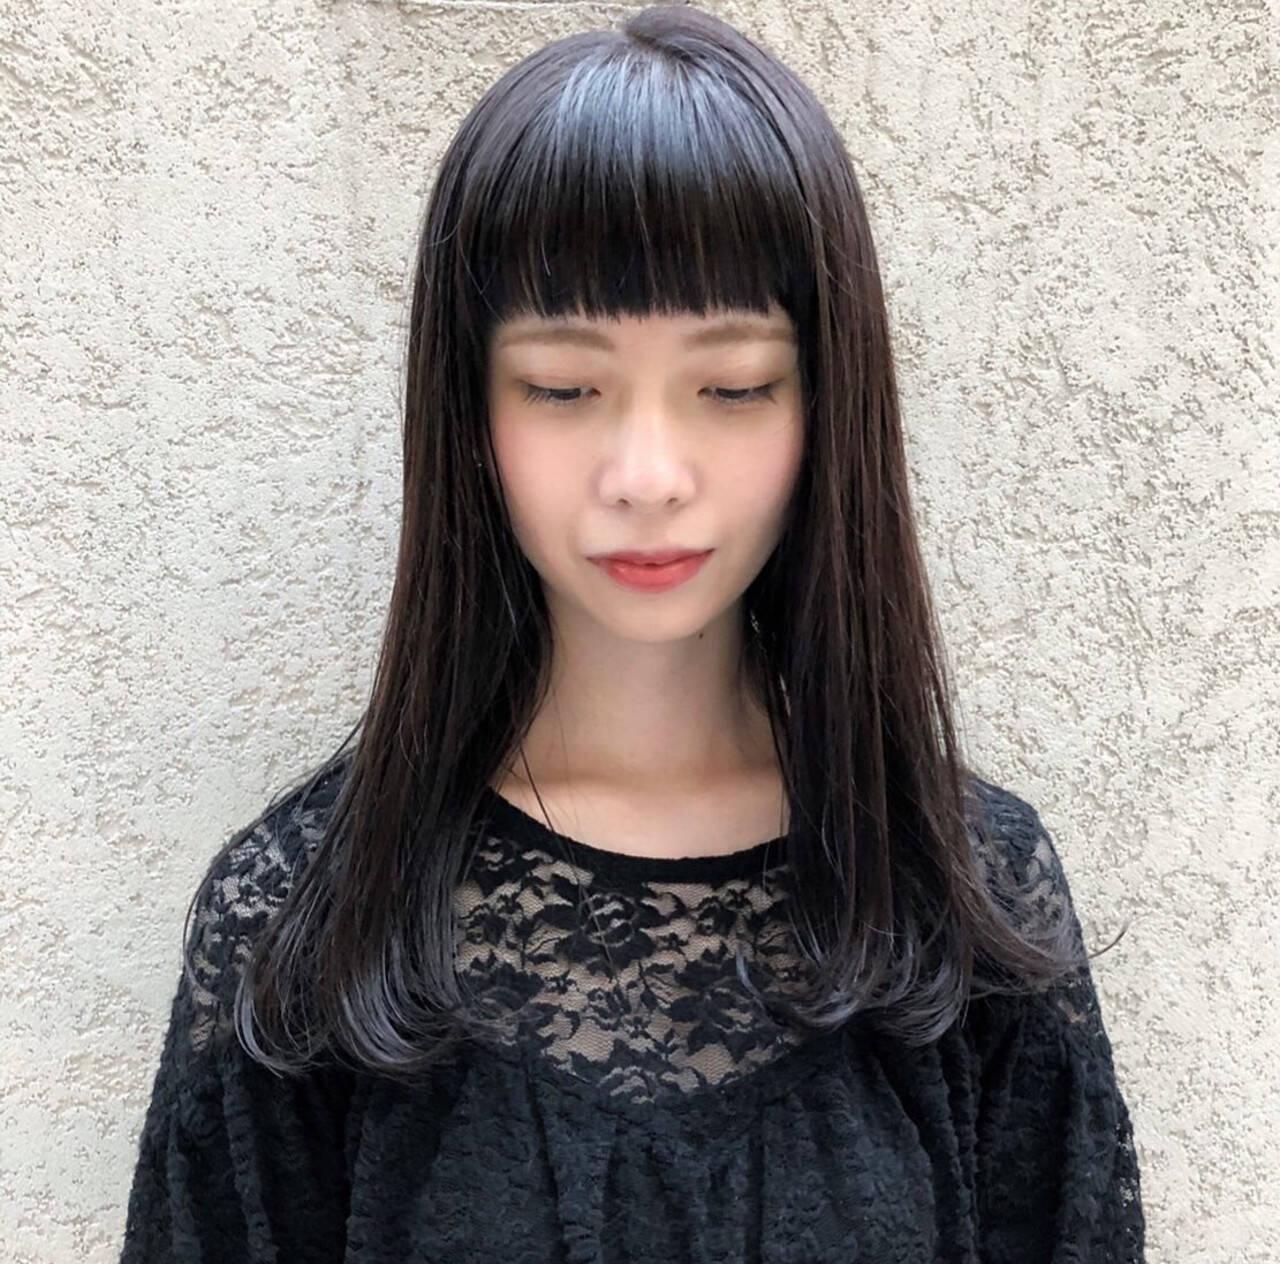 シースルーバング 黒髪 モード ロングヘアスタイルや髪型の写真・画像